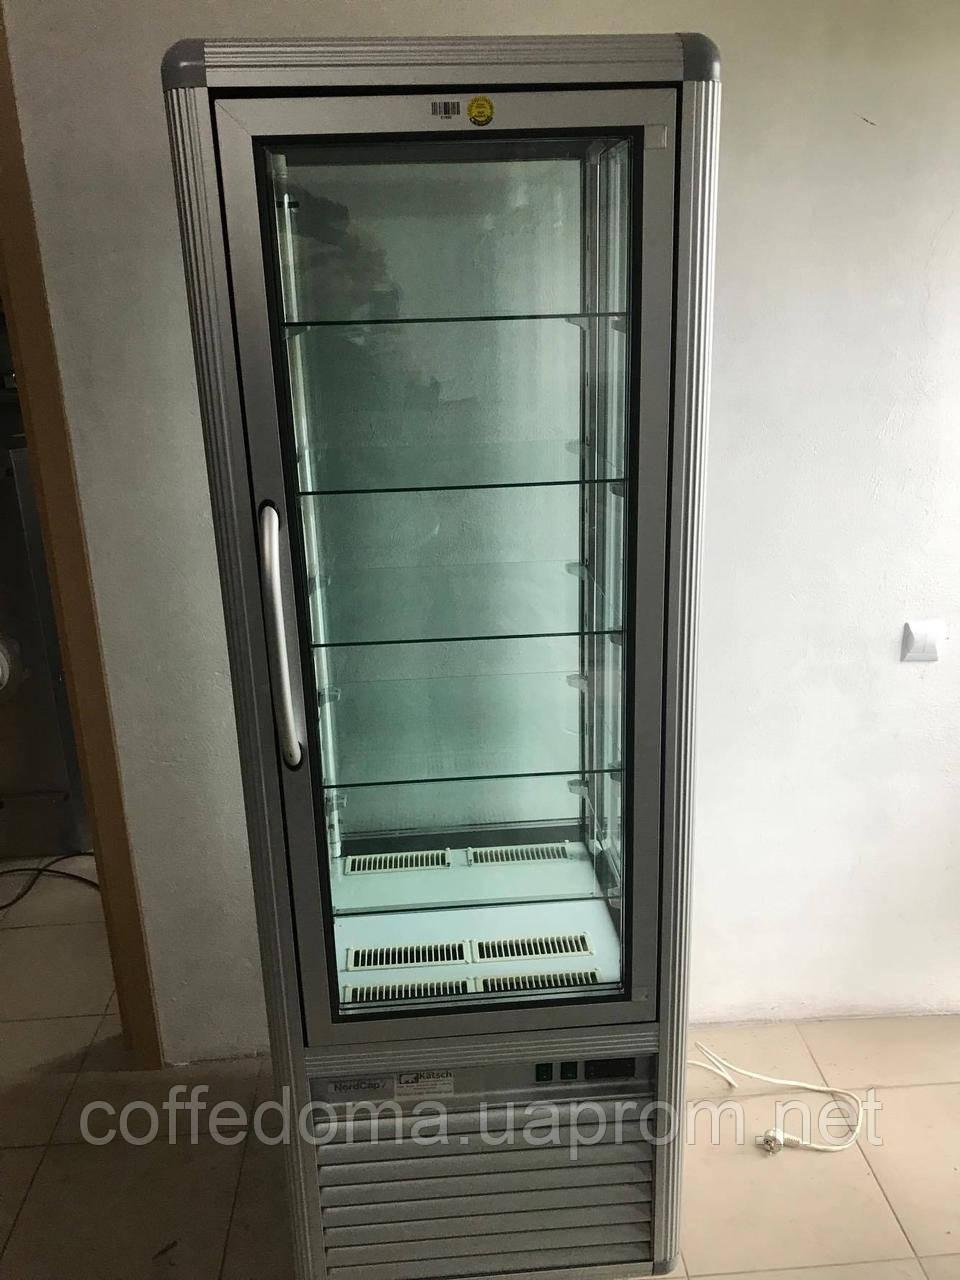 Кондитерская холодильная витрина NordCap